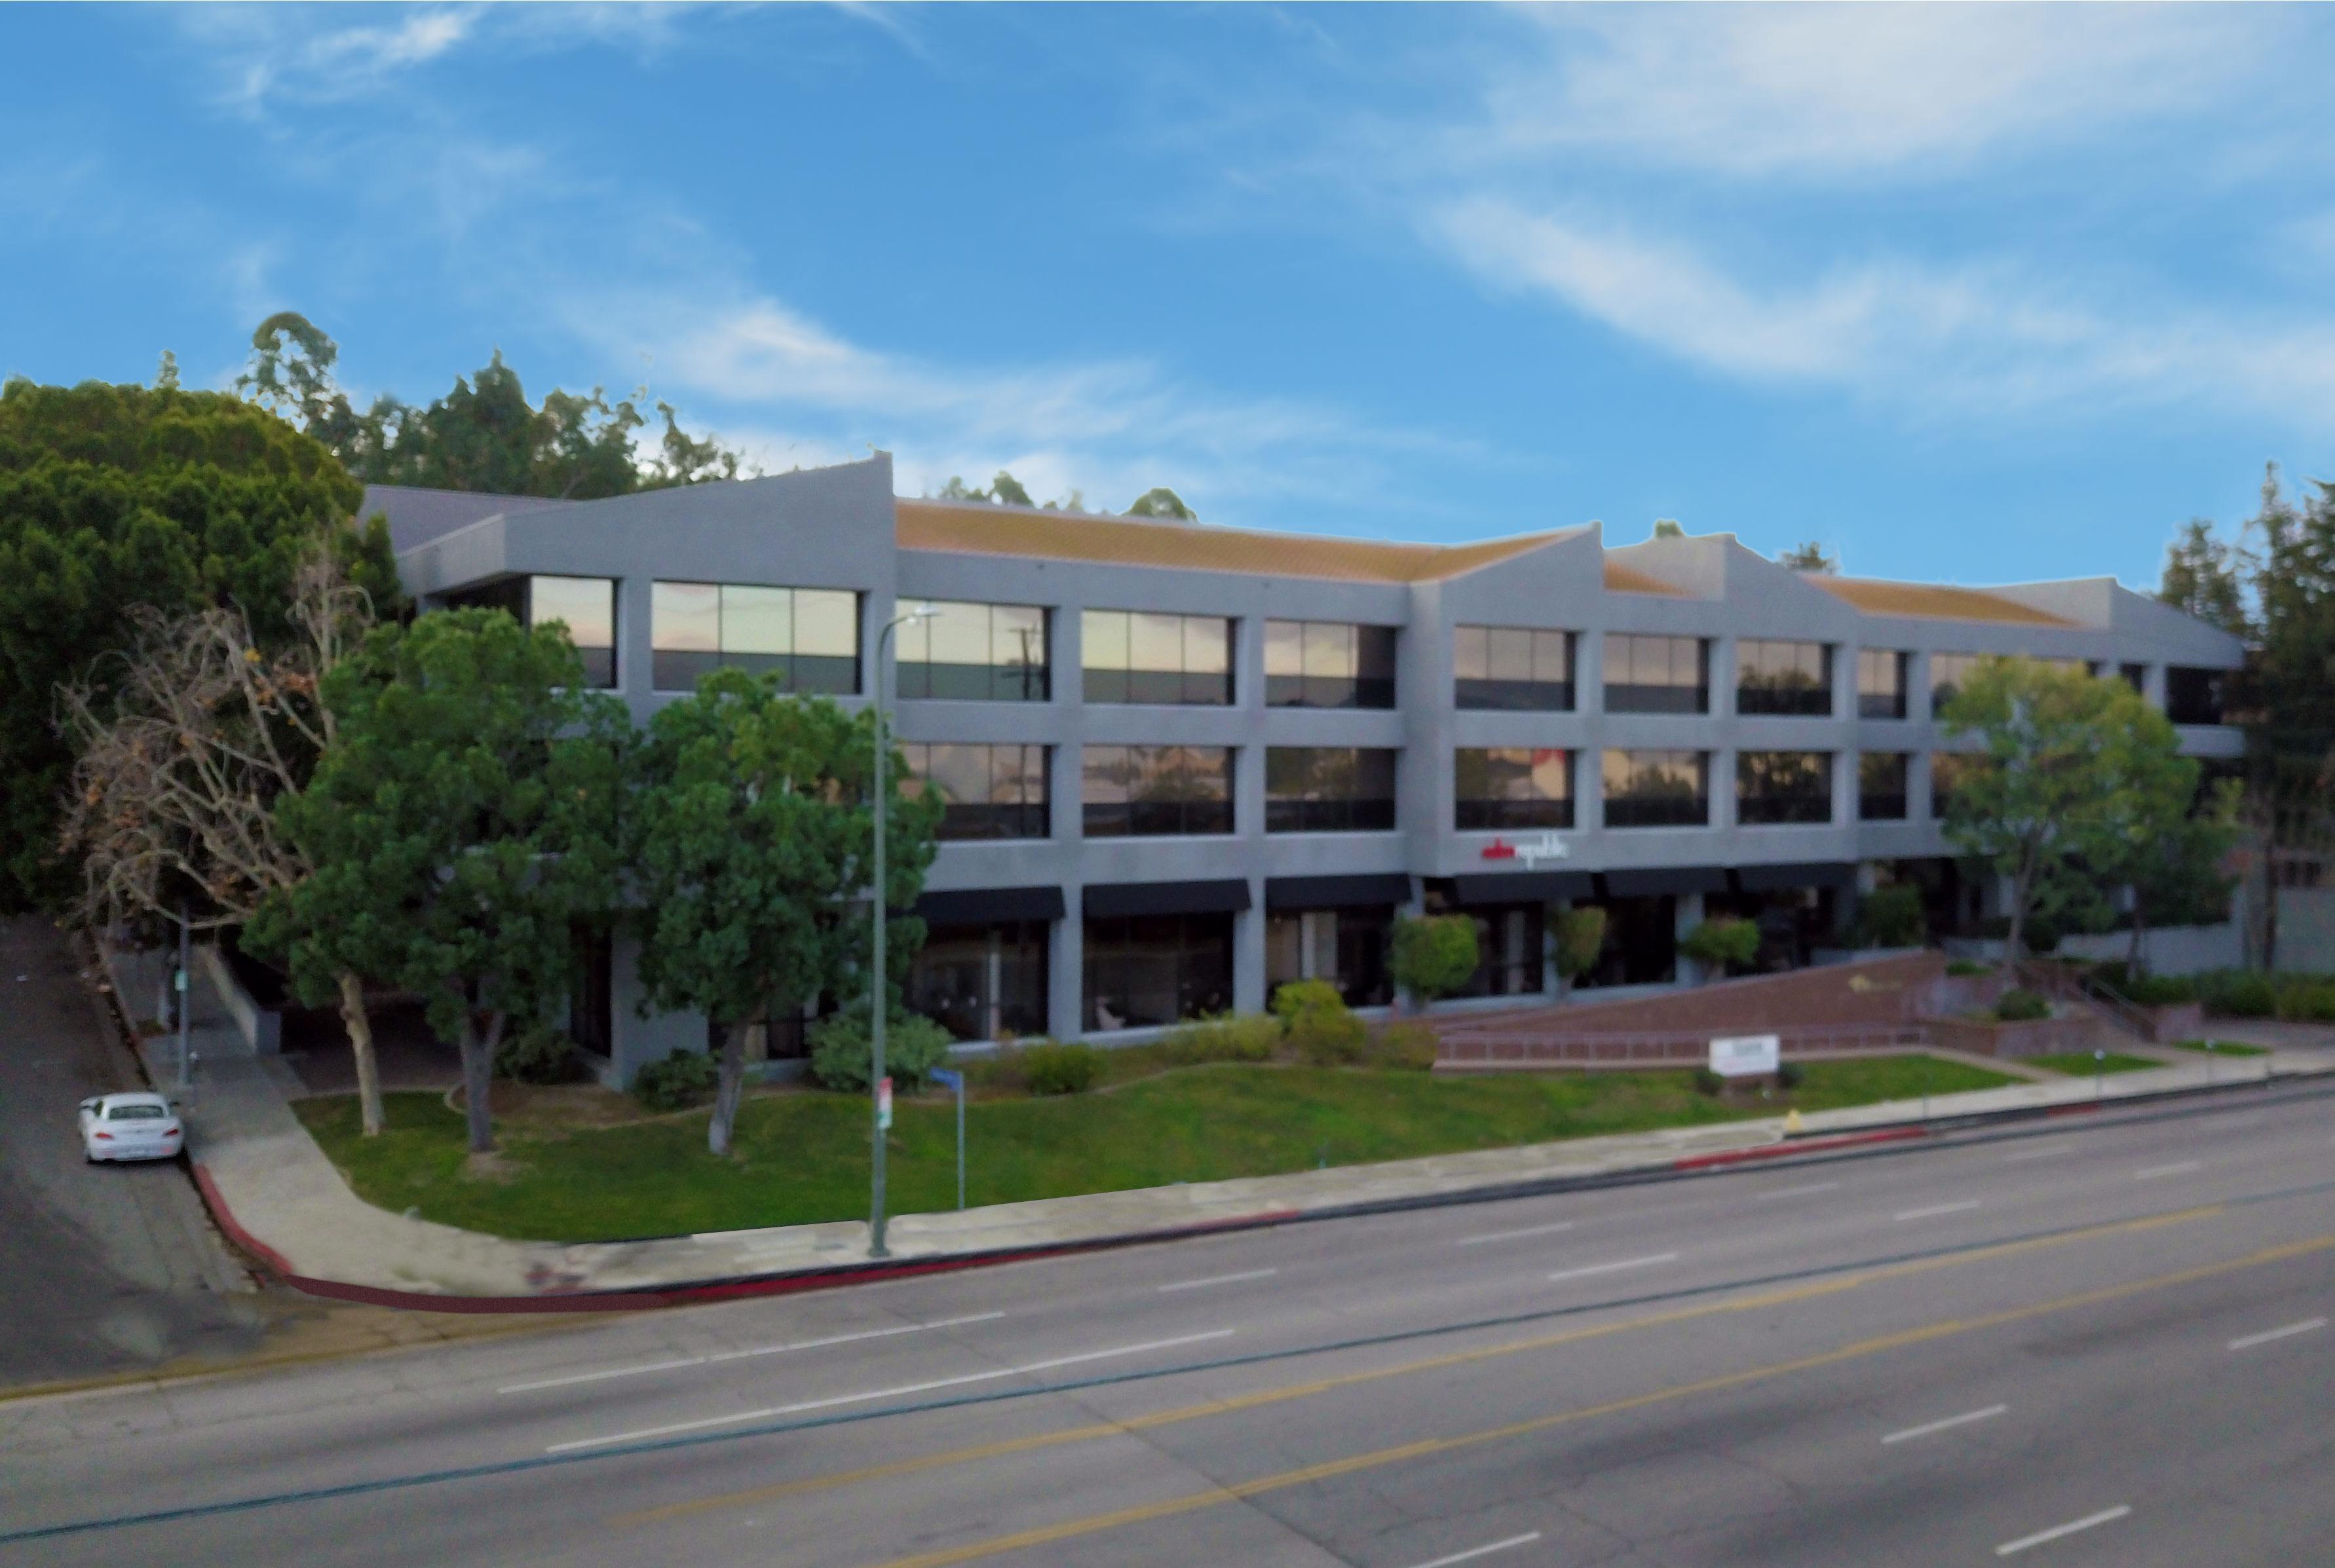 Navazon Digital Marketing Agency - SEO Company & Video Production - Los Angeles CA